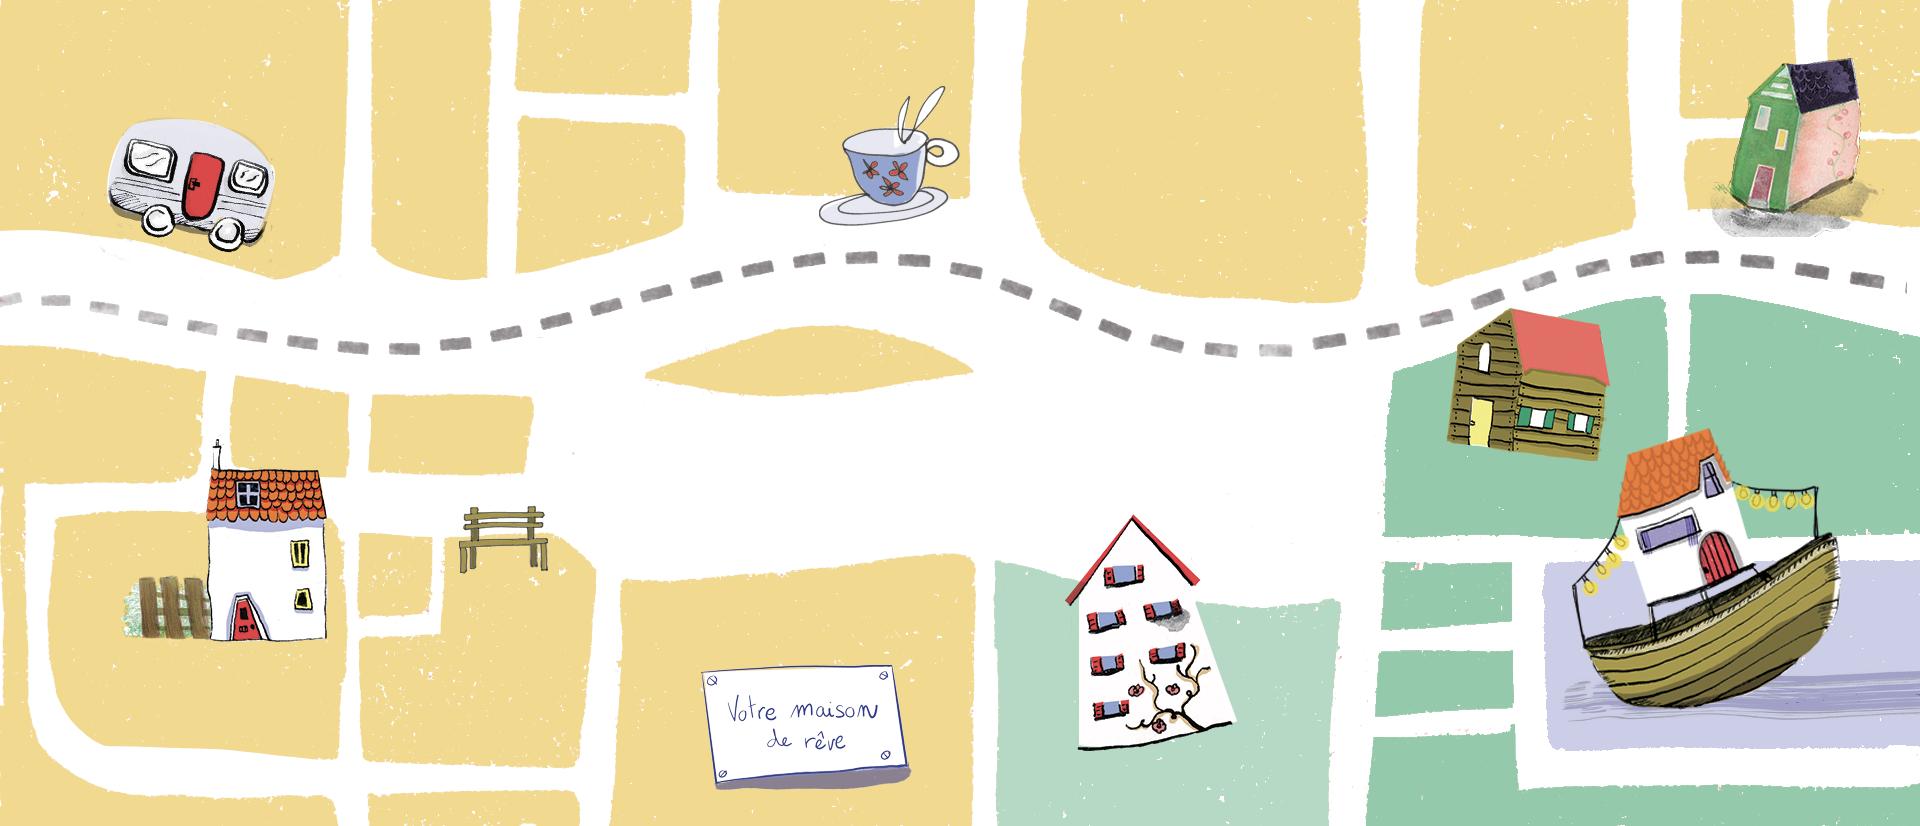 dessin illustration camping car chemin votre maison de rêve